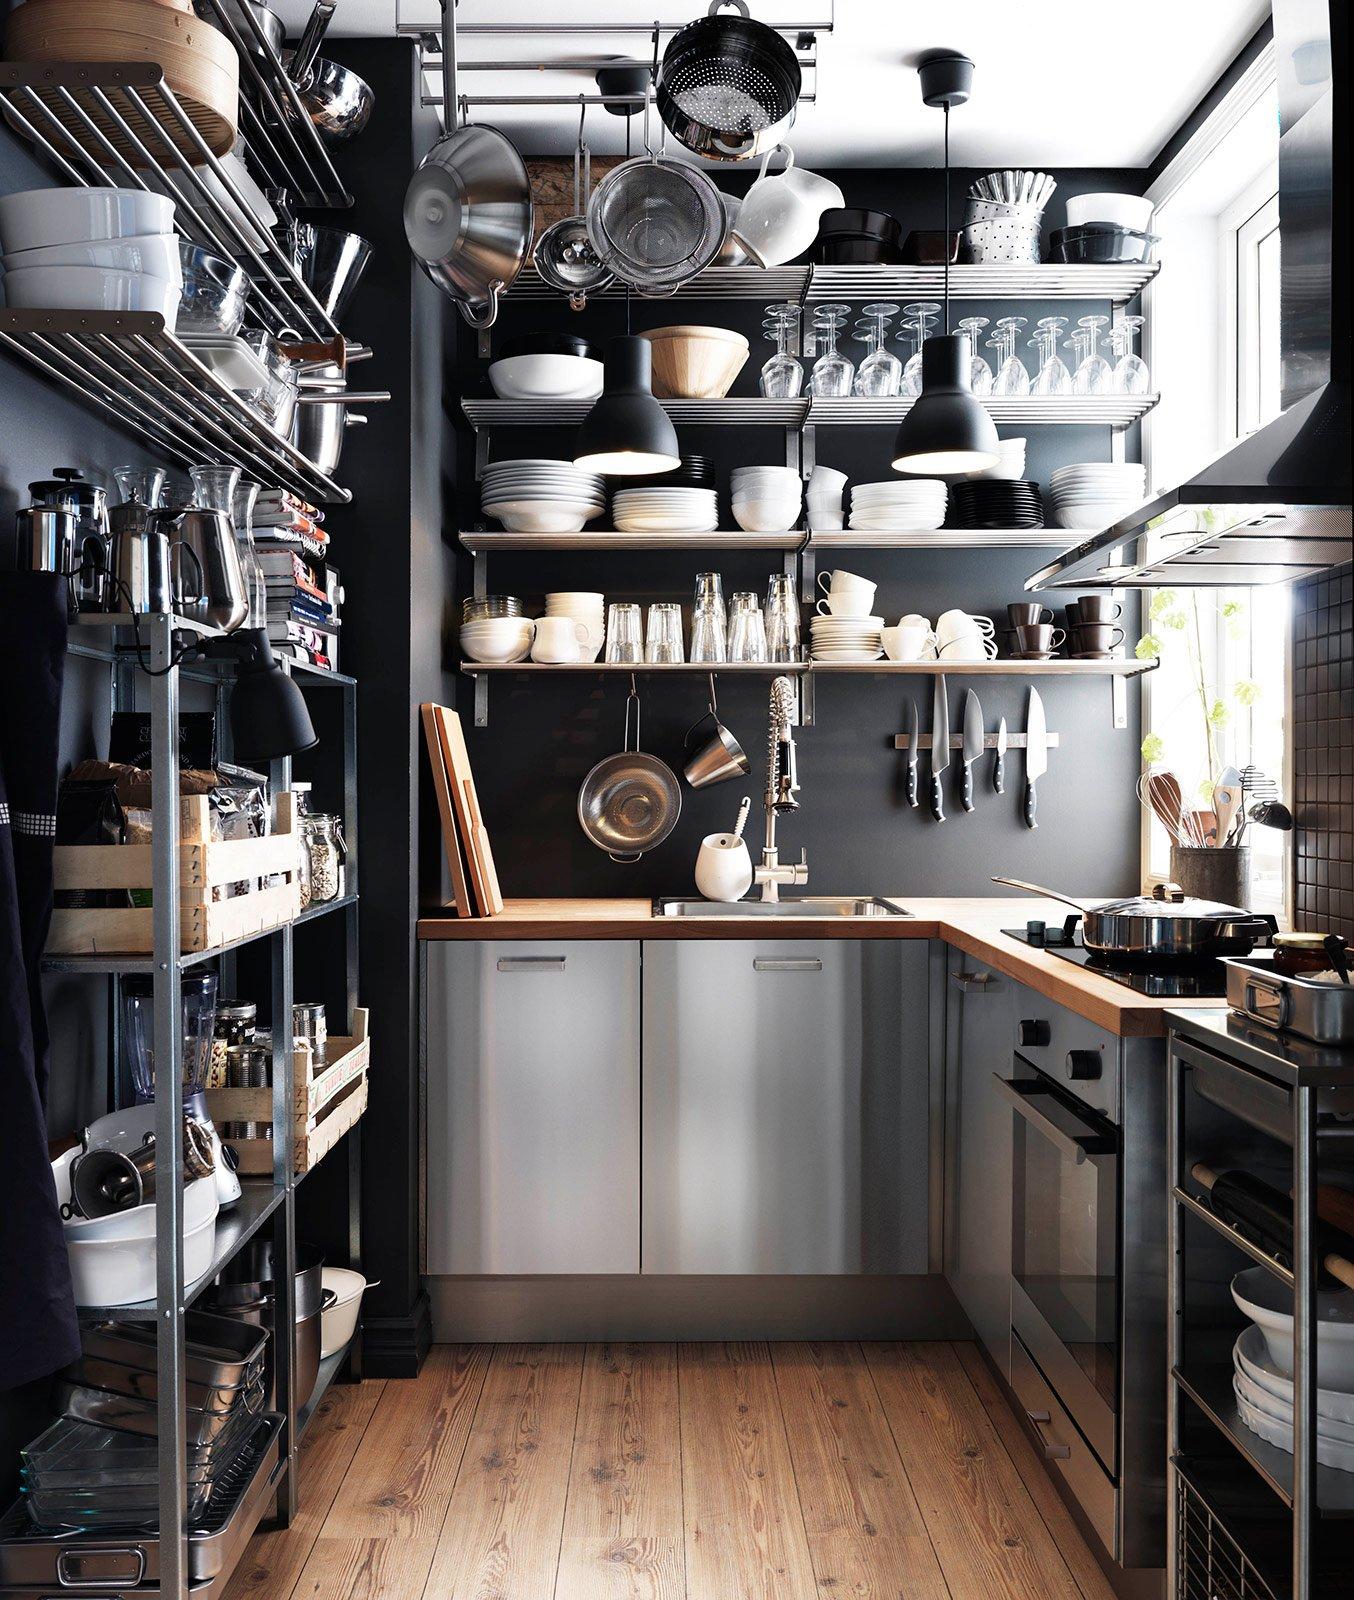 Cucina Con Ripiani In Metallo Ikea